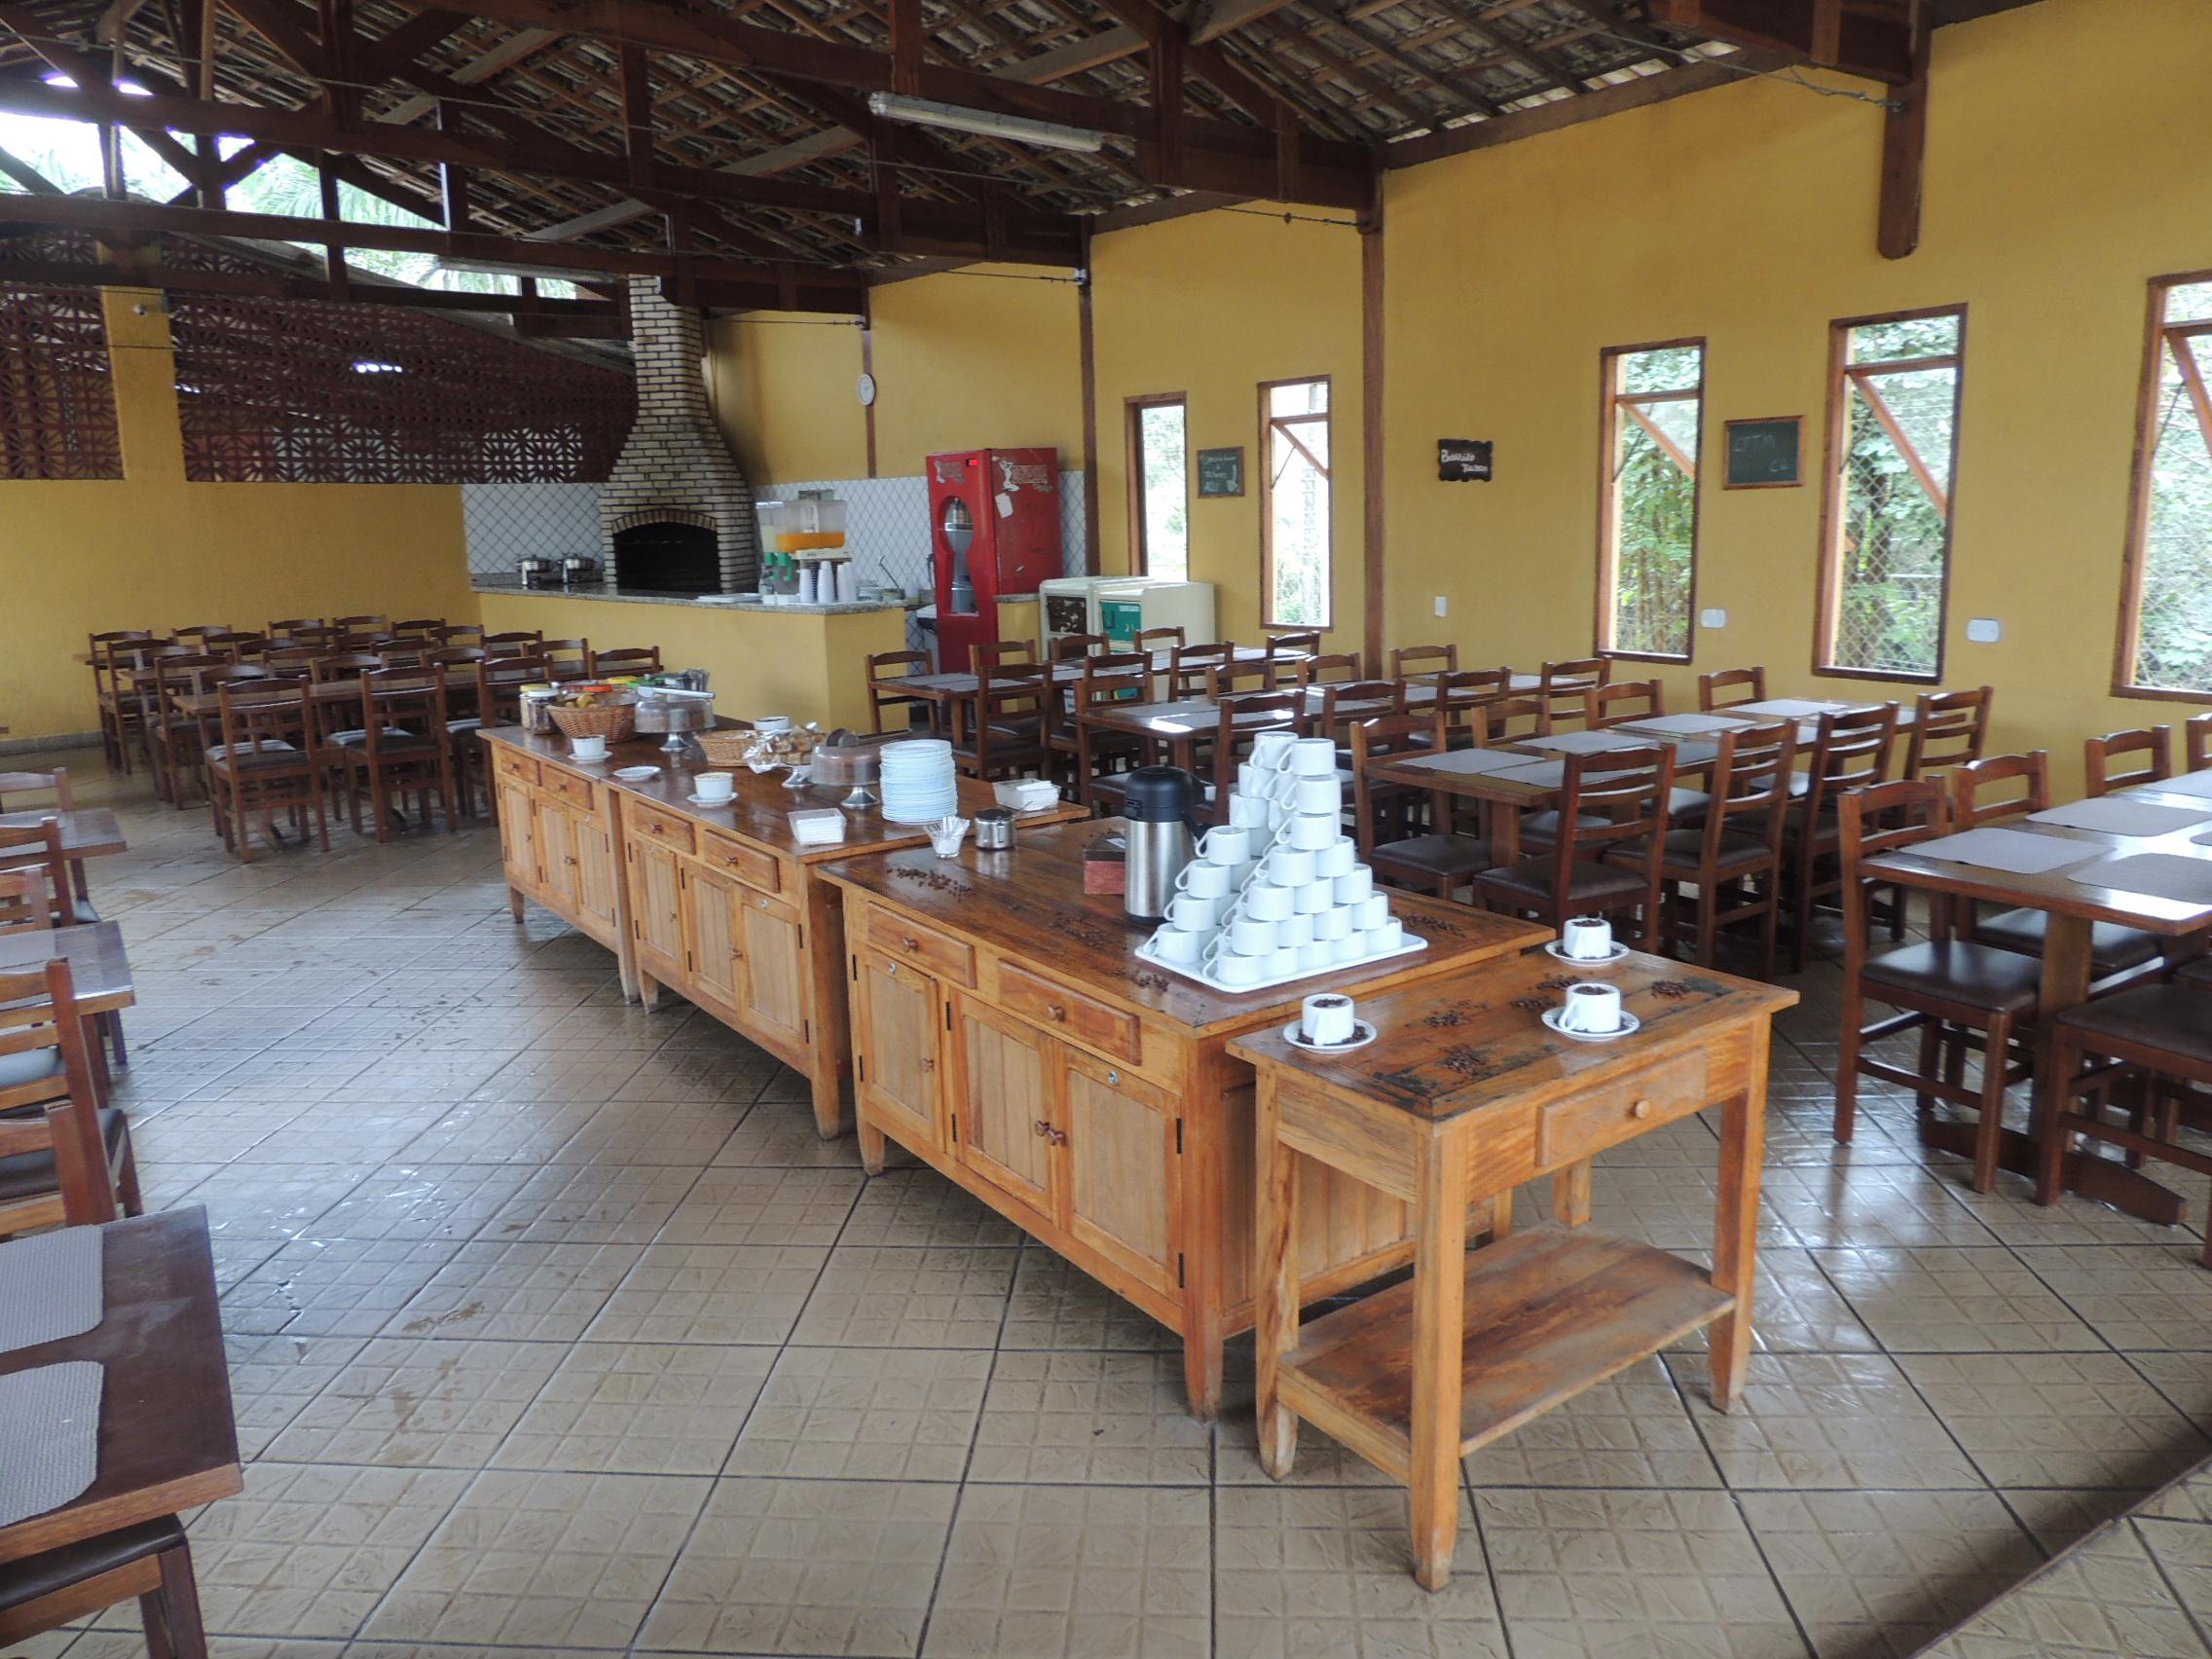 UNIDADE MOGI DAS CRUZES - Restaurante Mogi das Cruzes